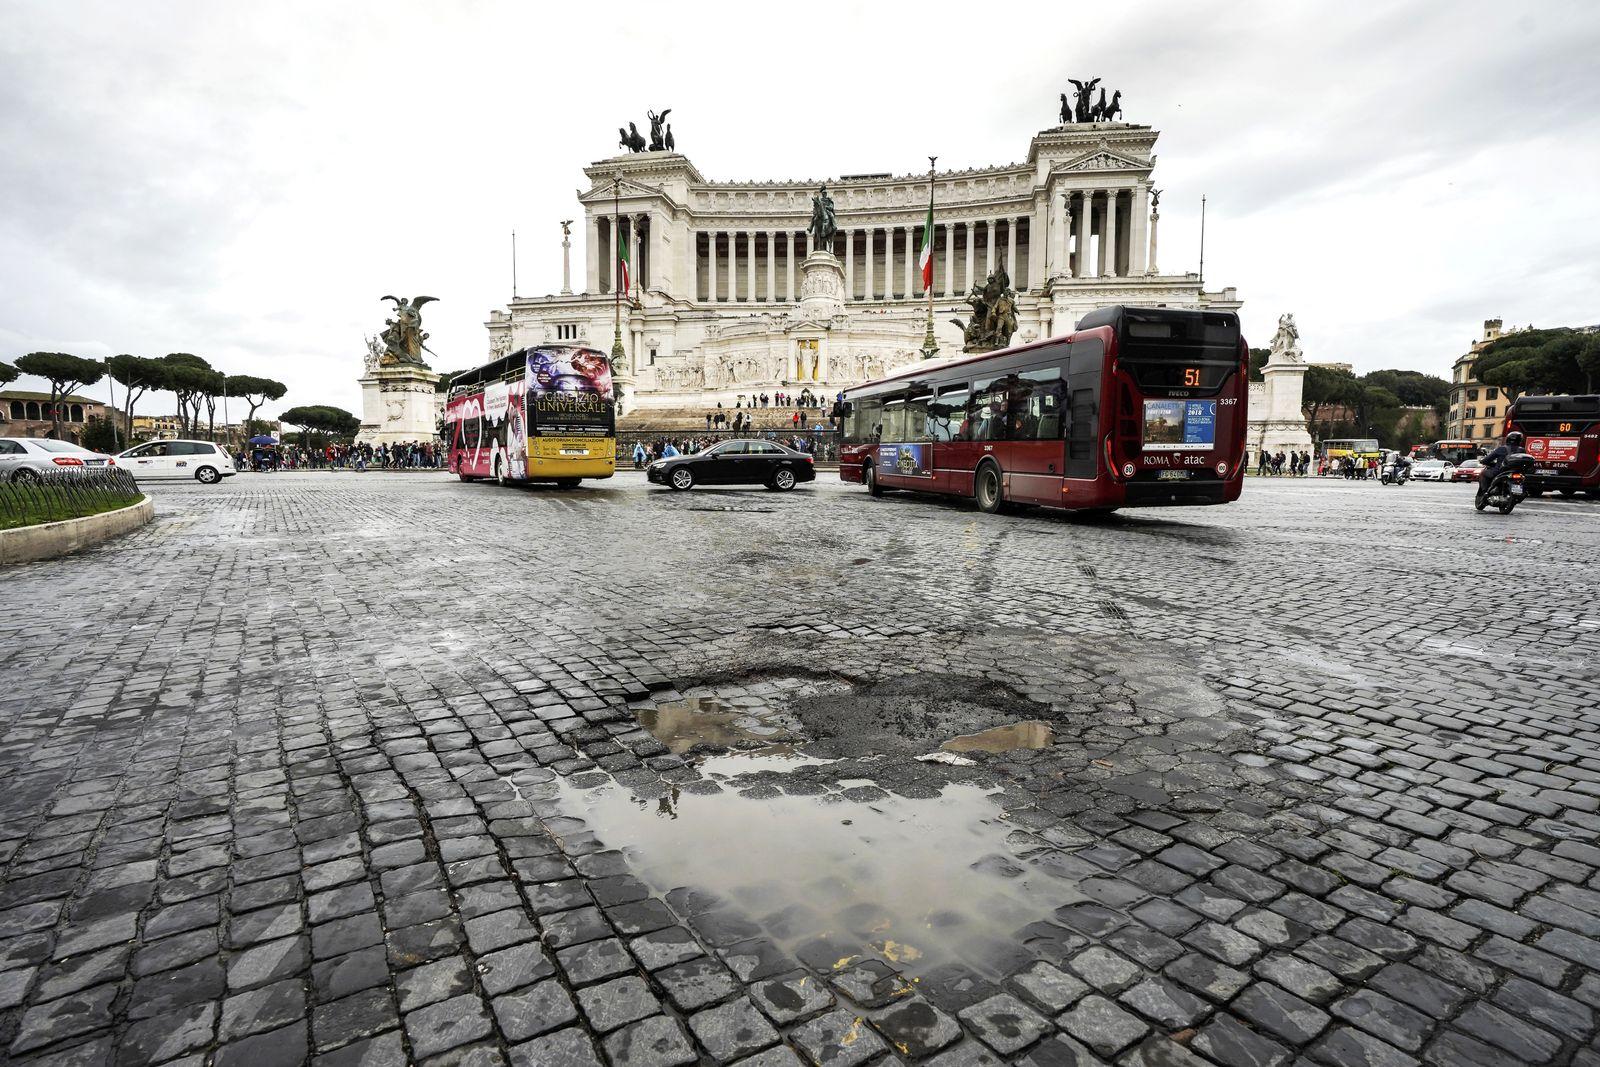 Italien / Konjunktur / Wirtschaft / Auto-Verkehr / Krise